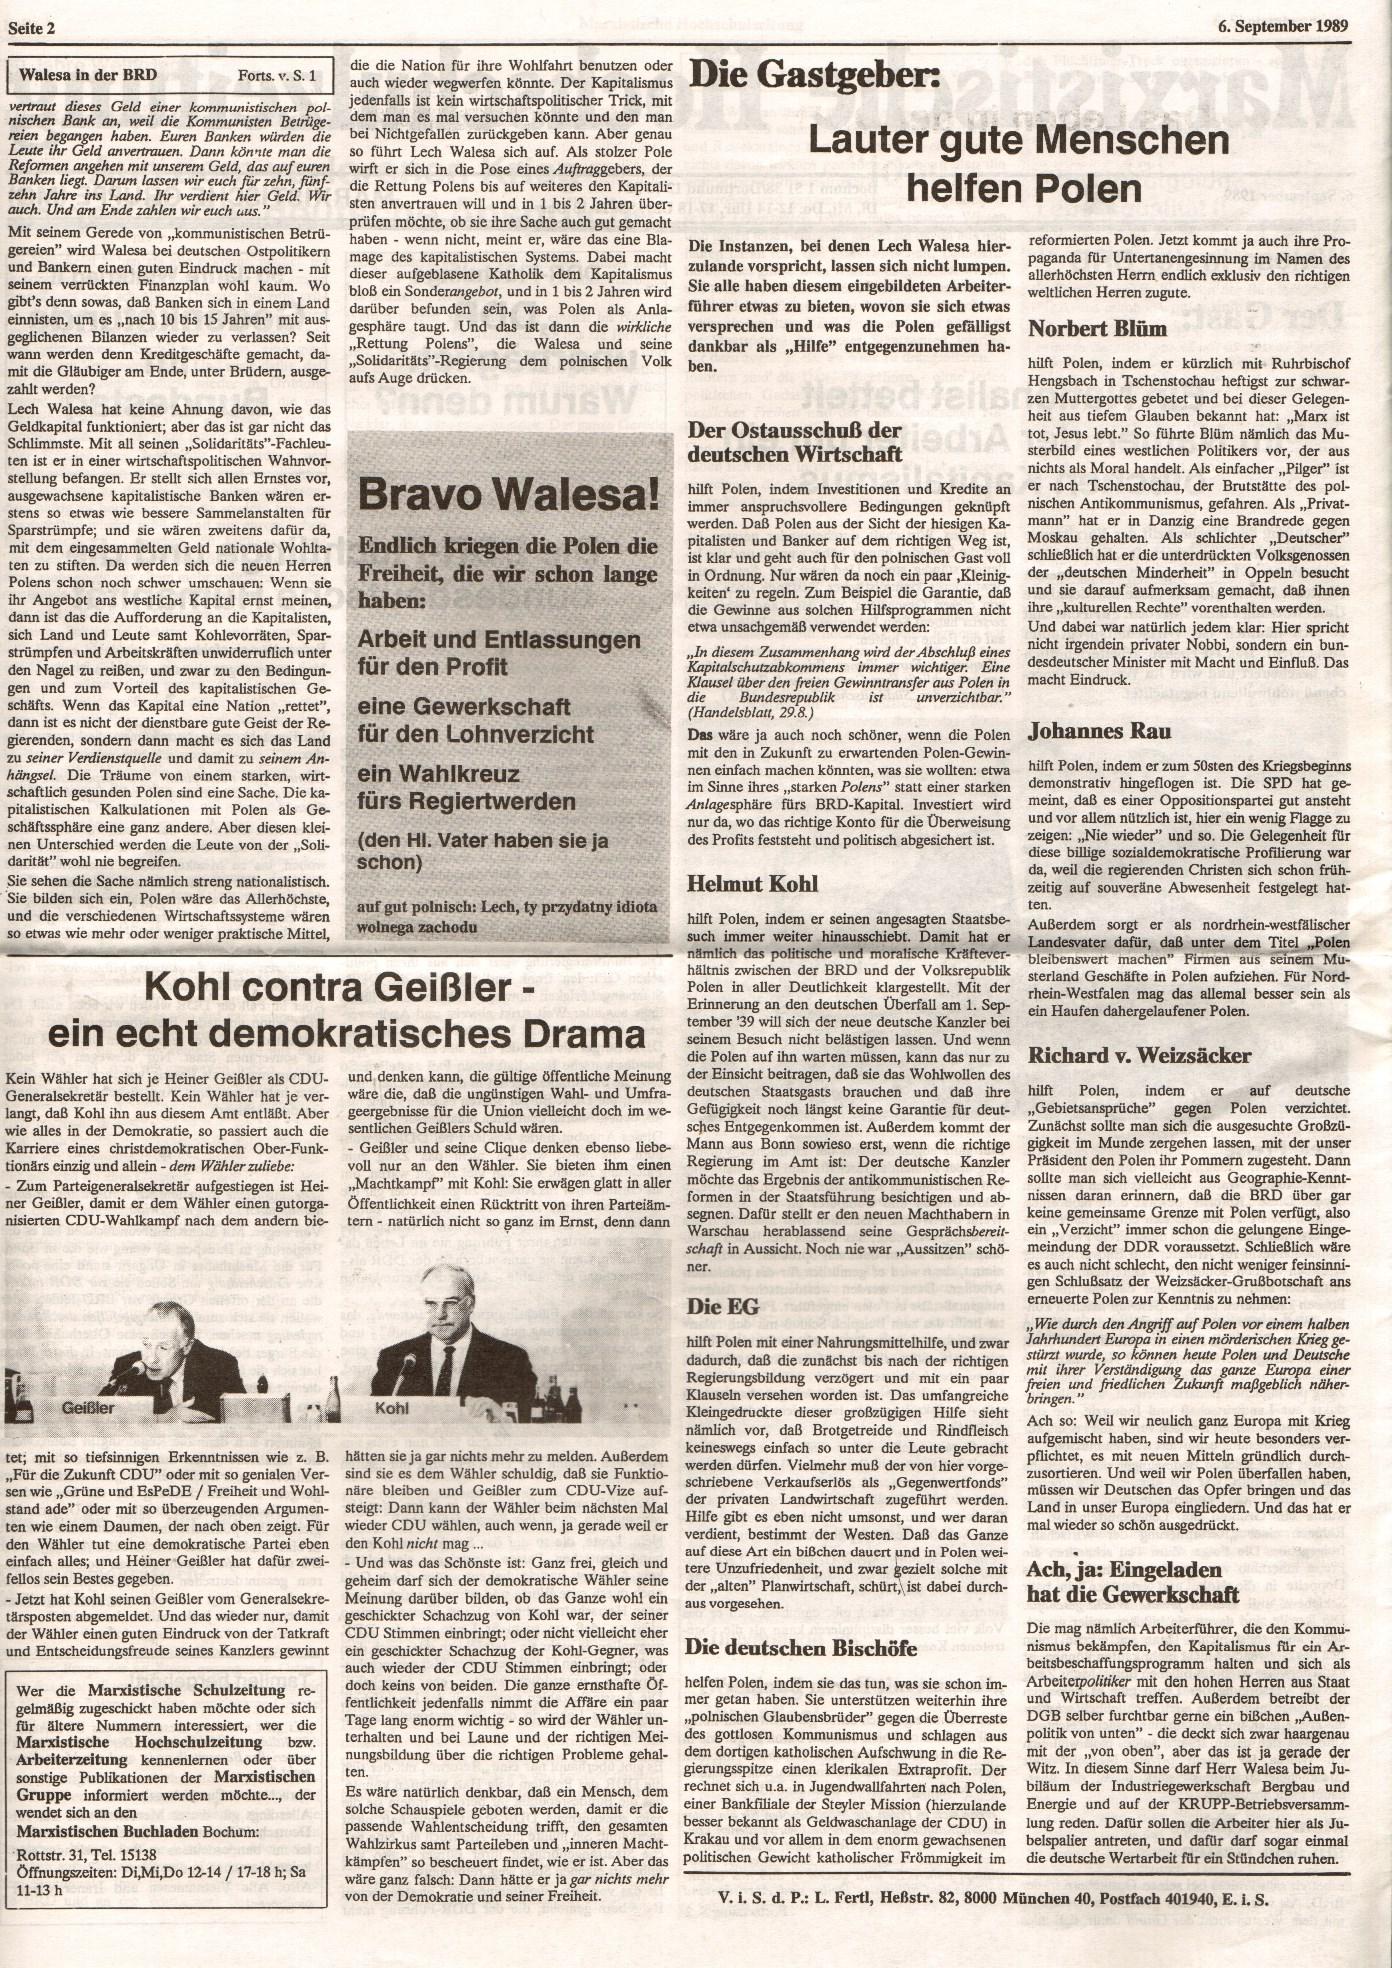 Ruhrgebiet_MG_Marxistische_Hochschulzeitung_19890906_02